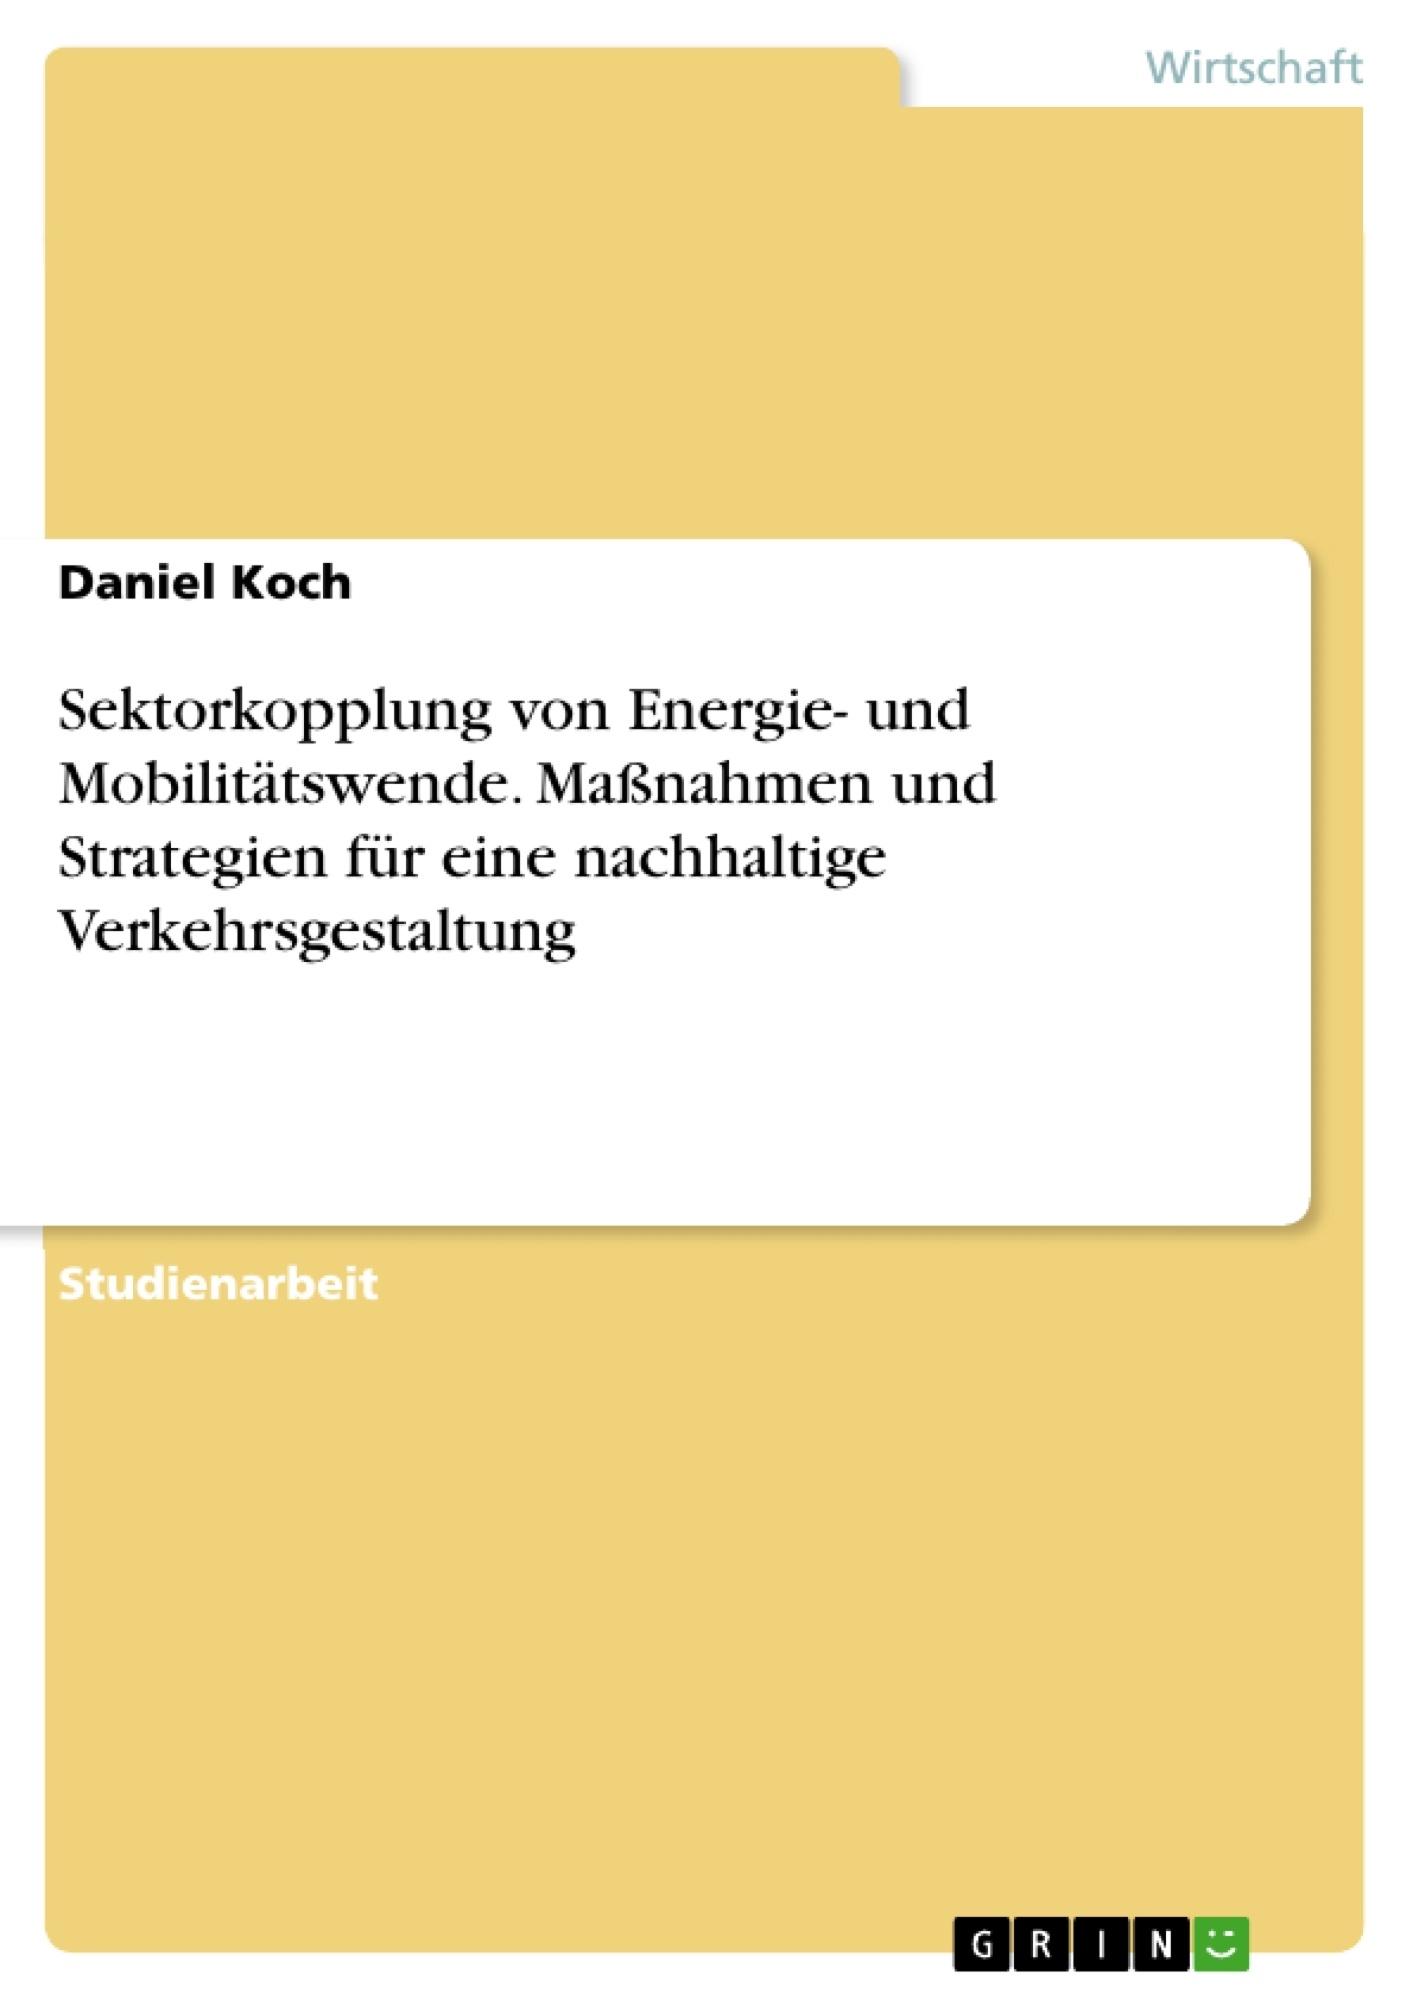 Titel: Sektorkopplung von Energie- und Mobilitätswende. Maßnahmen und Strategien für eine nachhaltige Verkehrsgestaltung